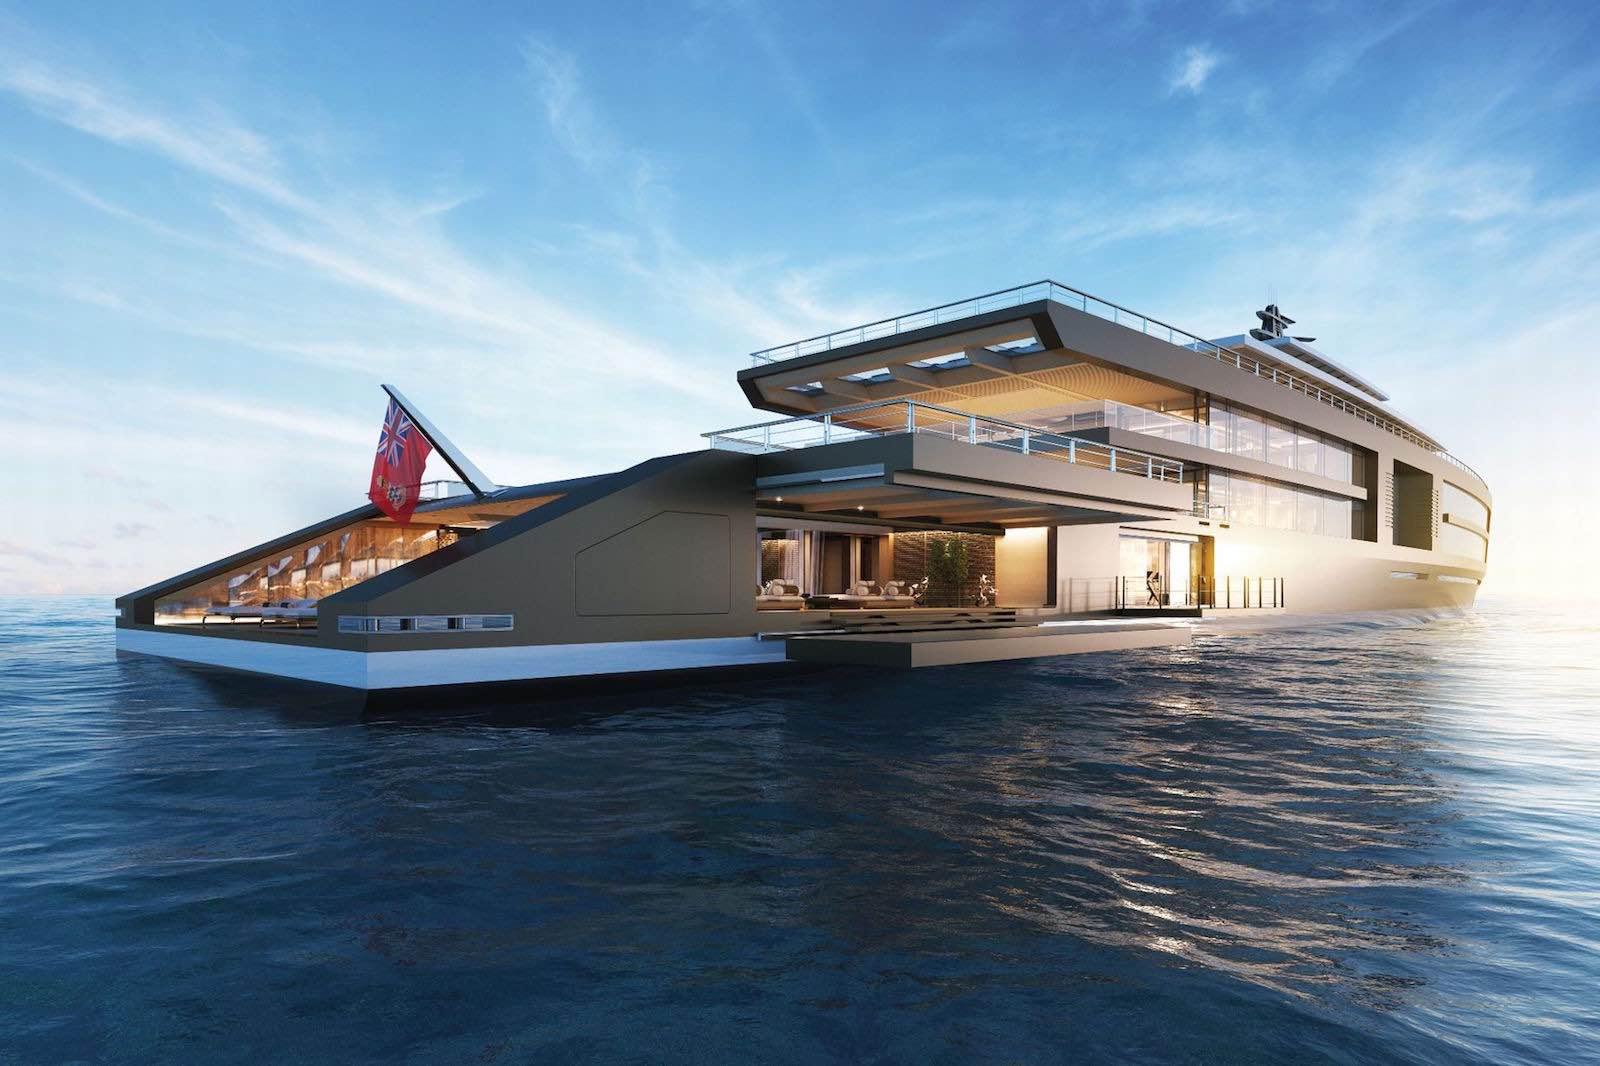 Nature, un mega espectacular GIGAYATE de 120m, completo con cabinas VIP, gimnasio, piscina y jardín climatizado